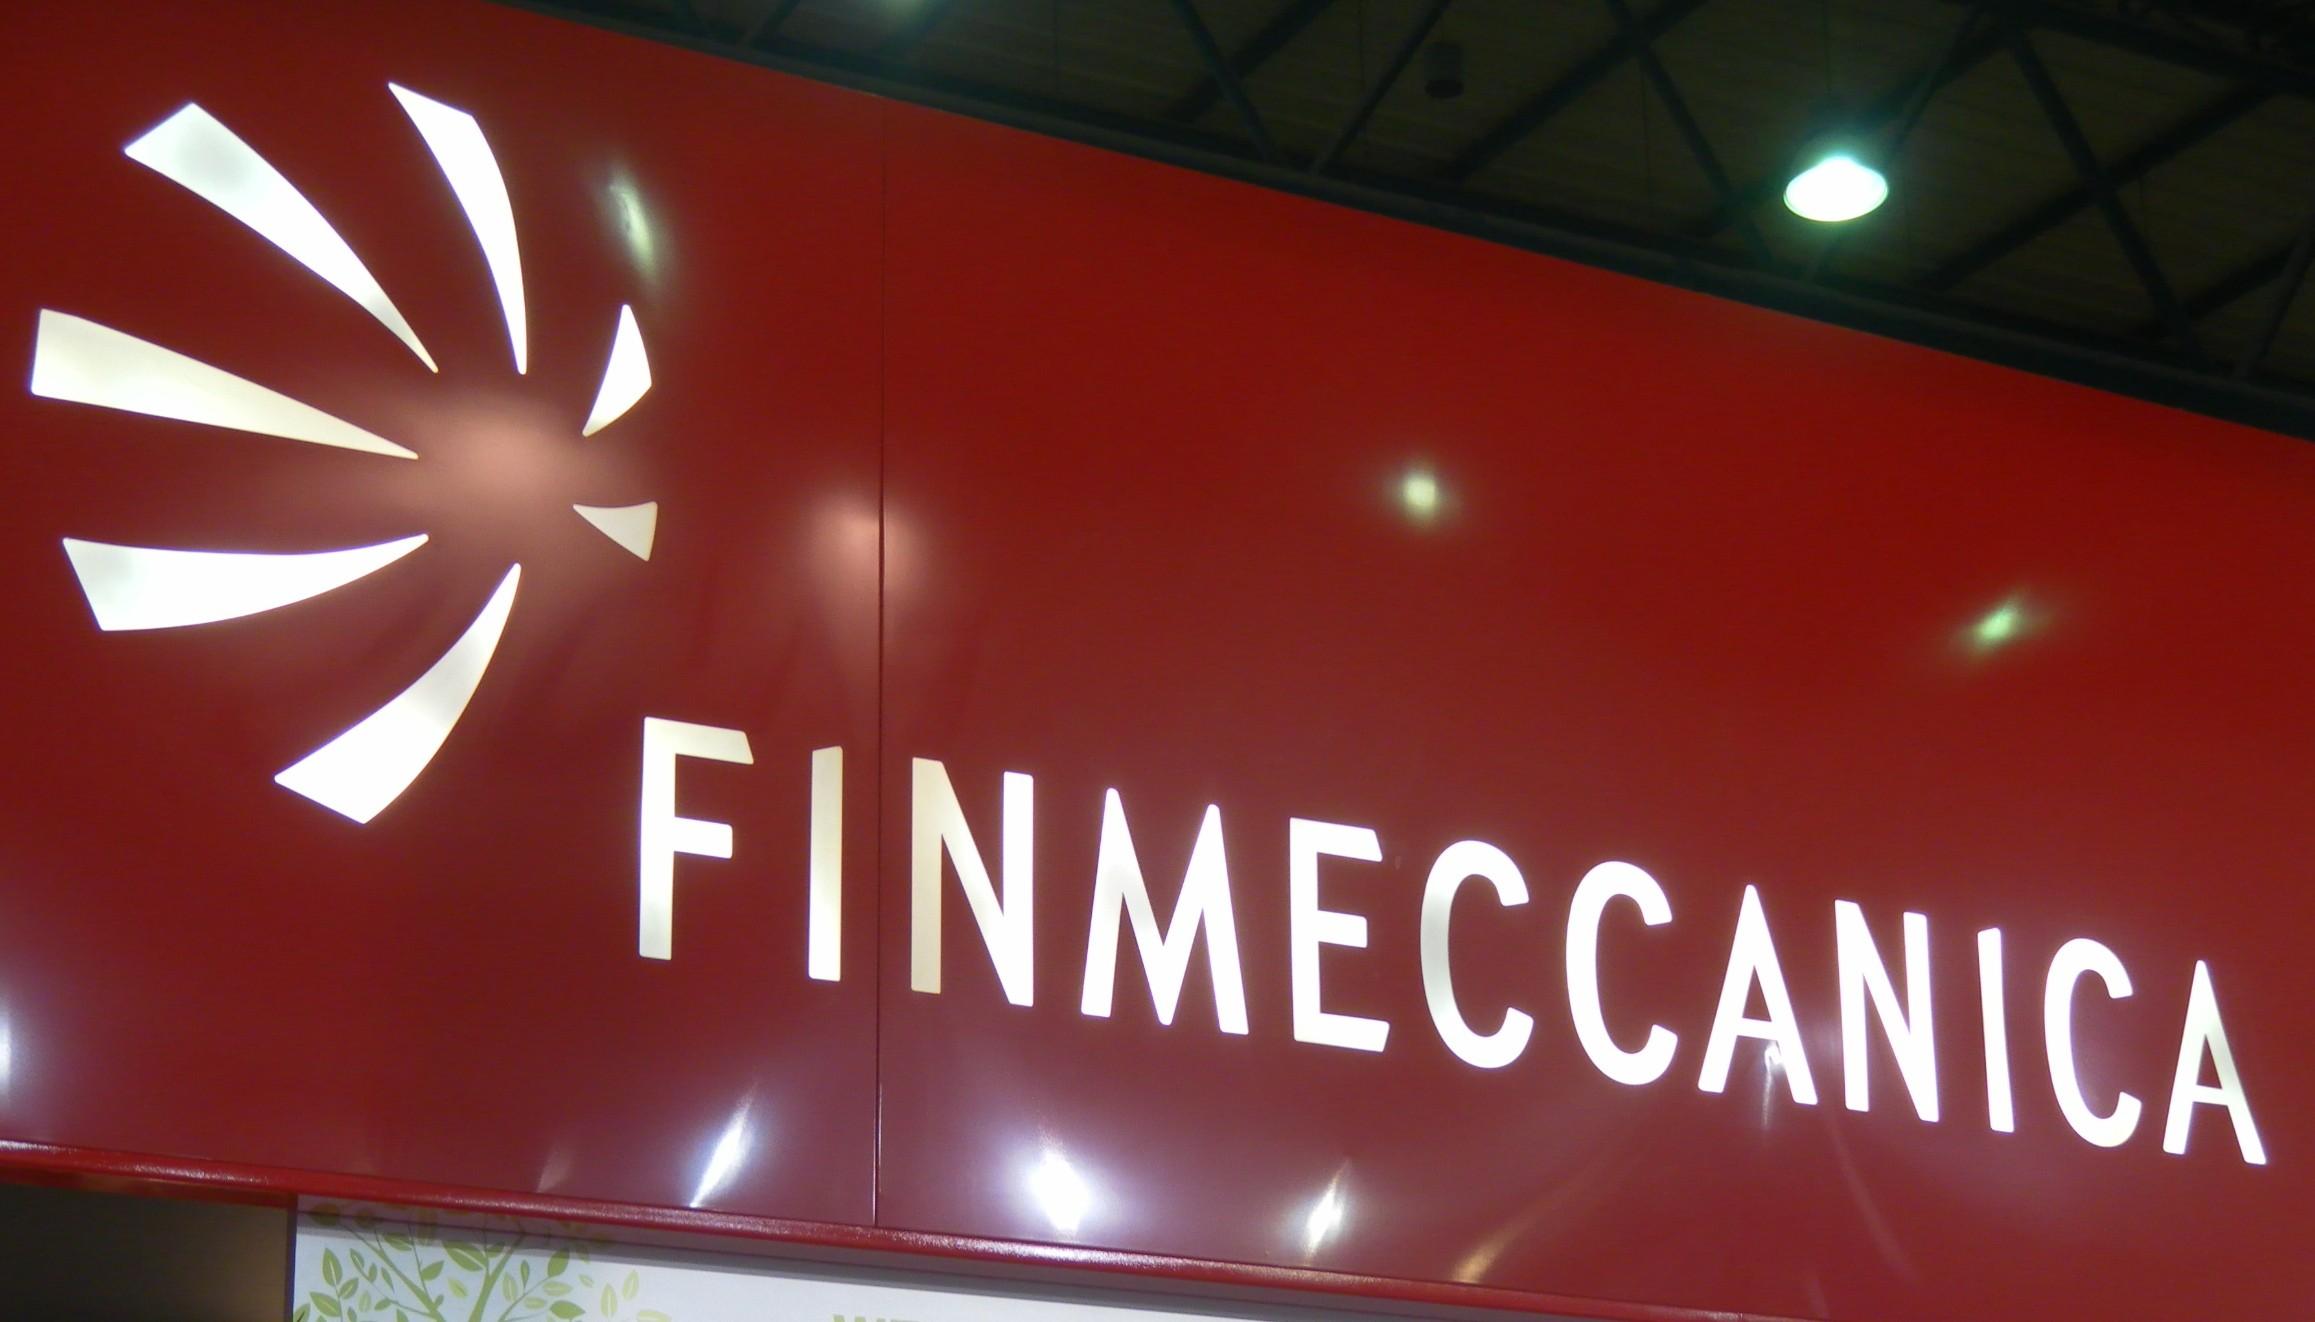 Finmeccanica bilancio dei primi nove mesi del 2014